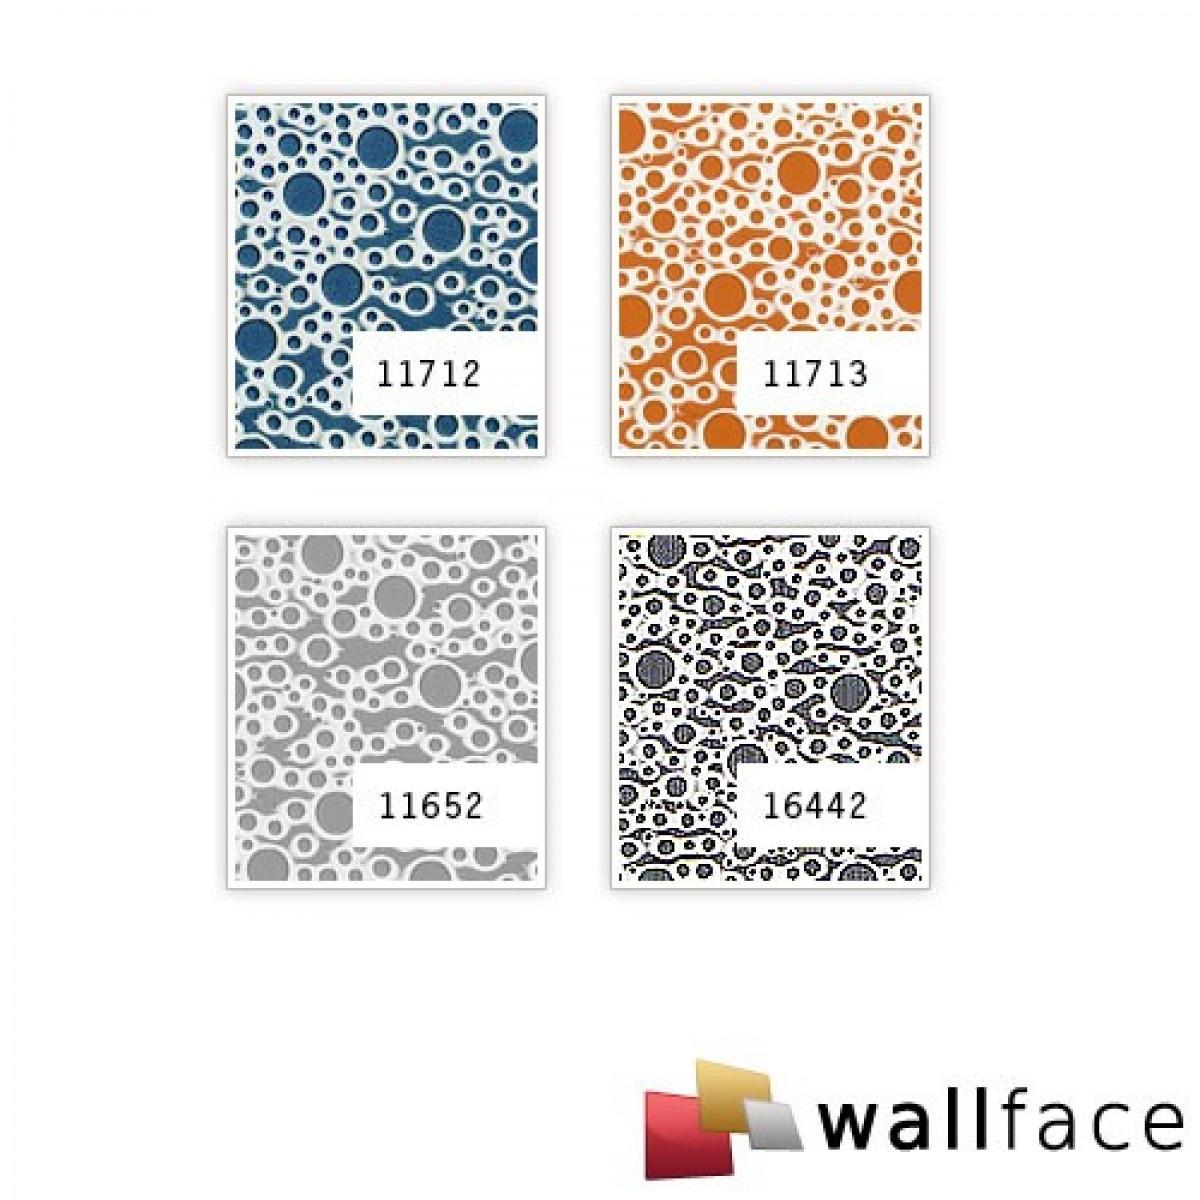 Panou decorativ STRUCTURE 16442, WallFace, autocolant